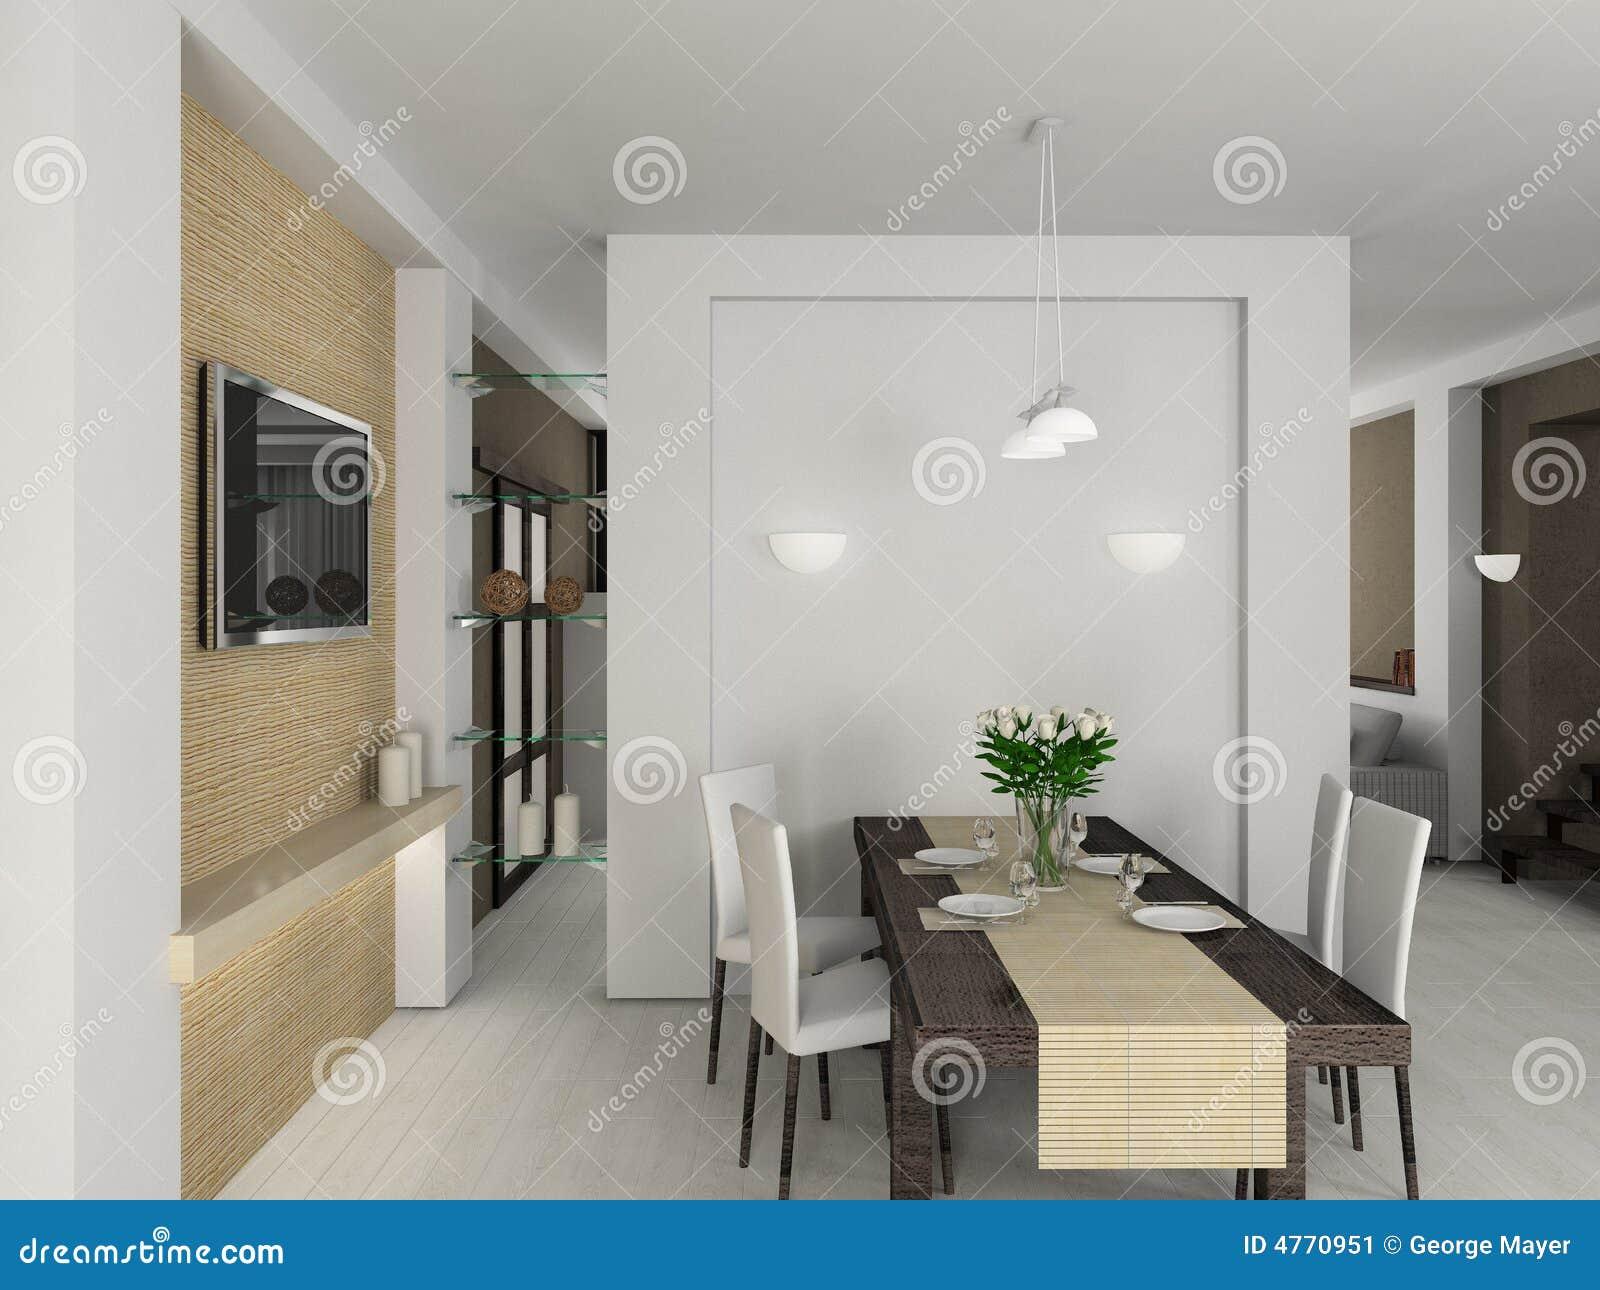 Sala Da Pranzo Moderna Prezzi : D rendono l interiore moderno della sala da pranzo immagine stock